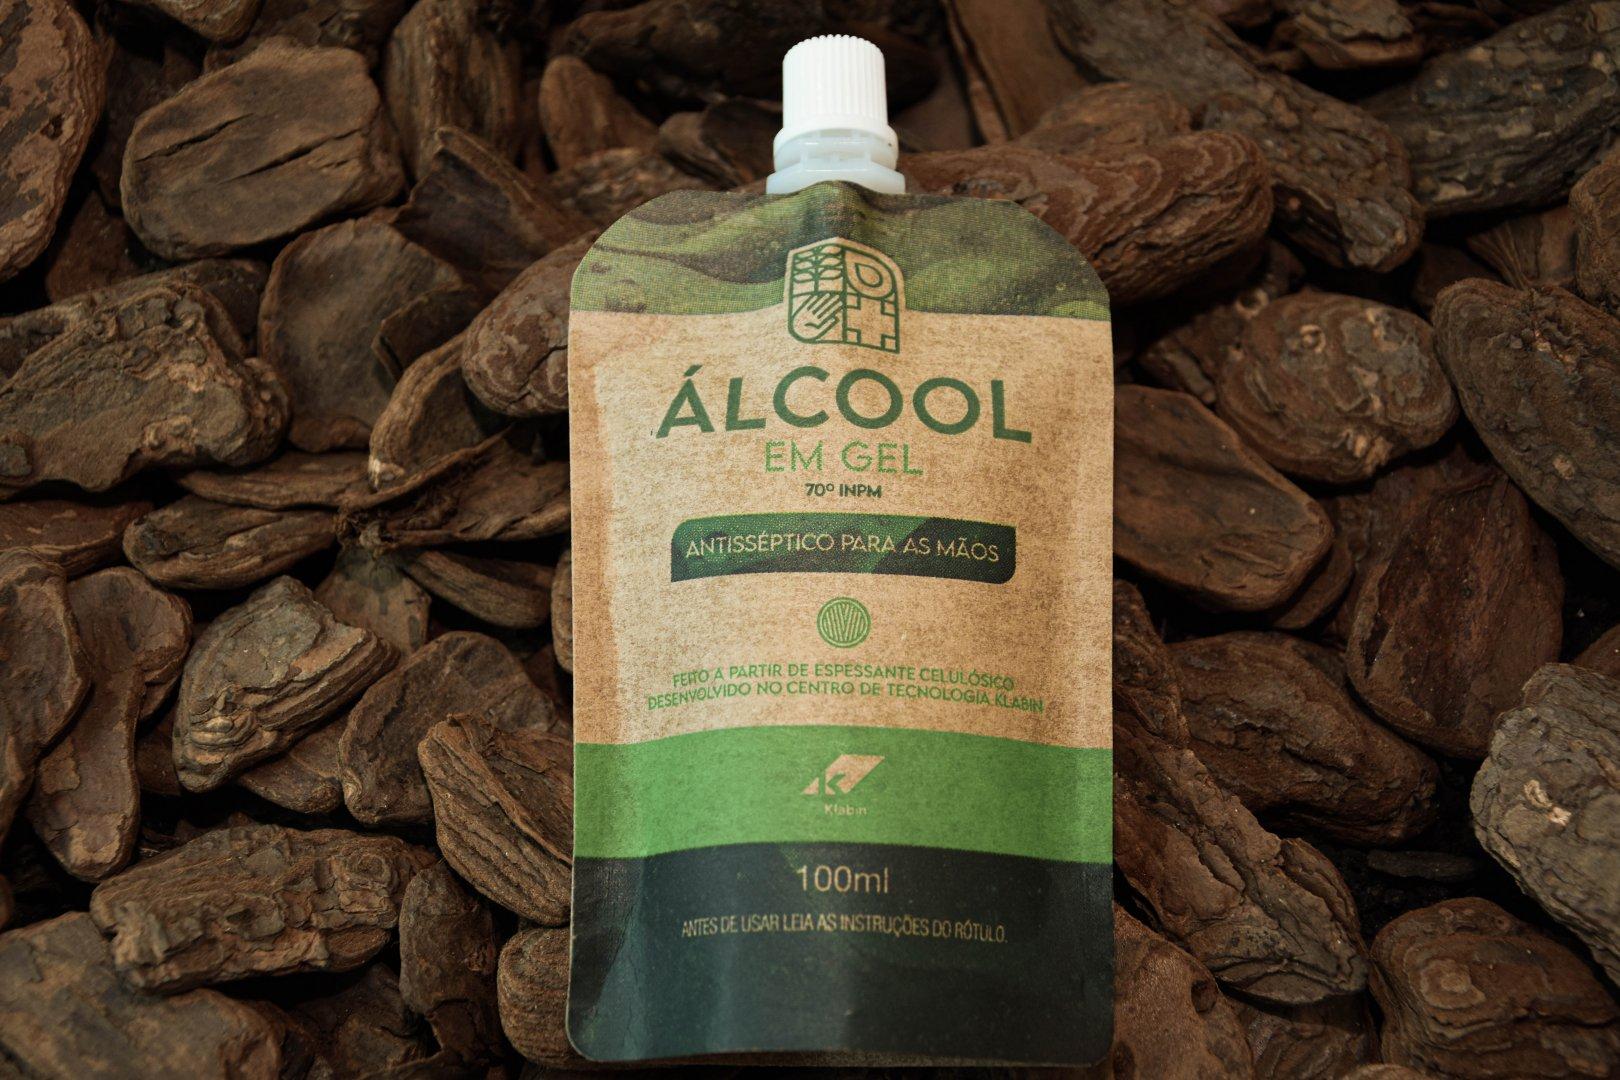 Klabin doa quatro toneladas de álcool em gel produzido a partir da celulose